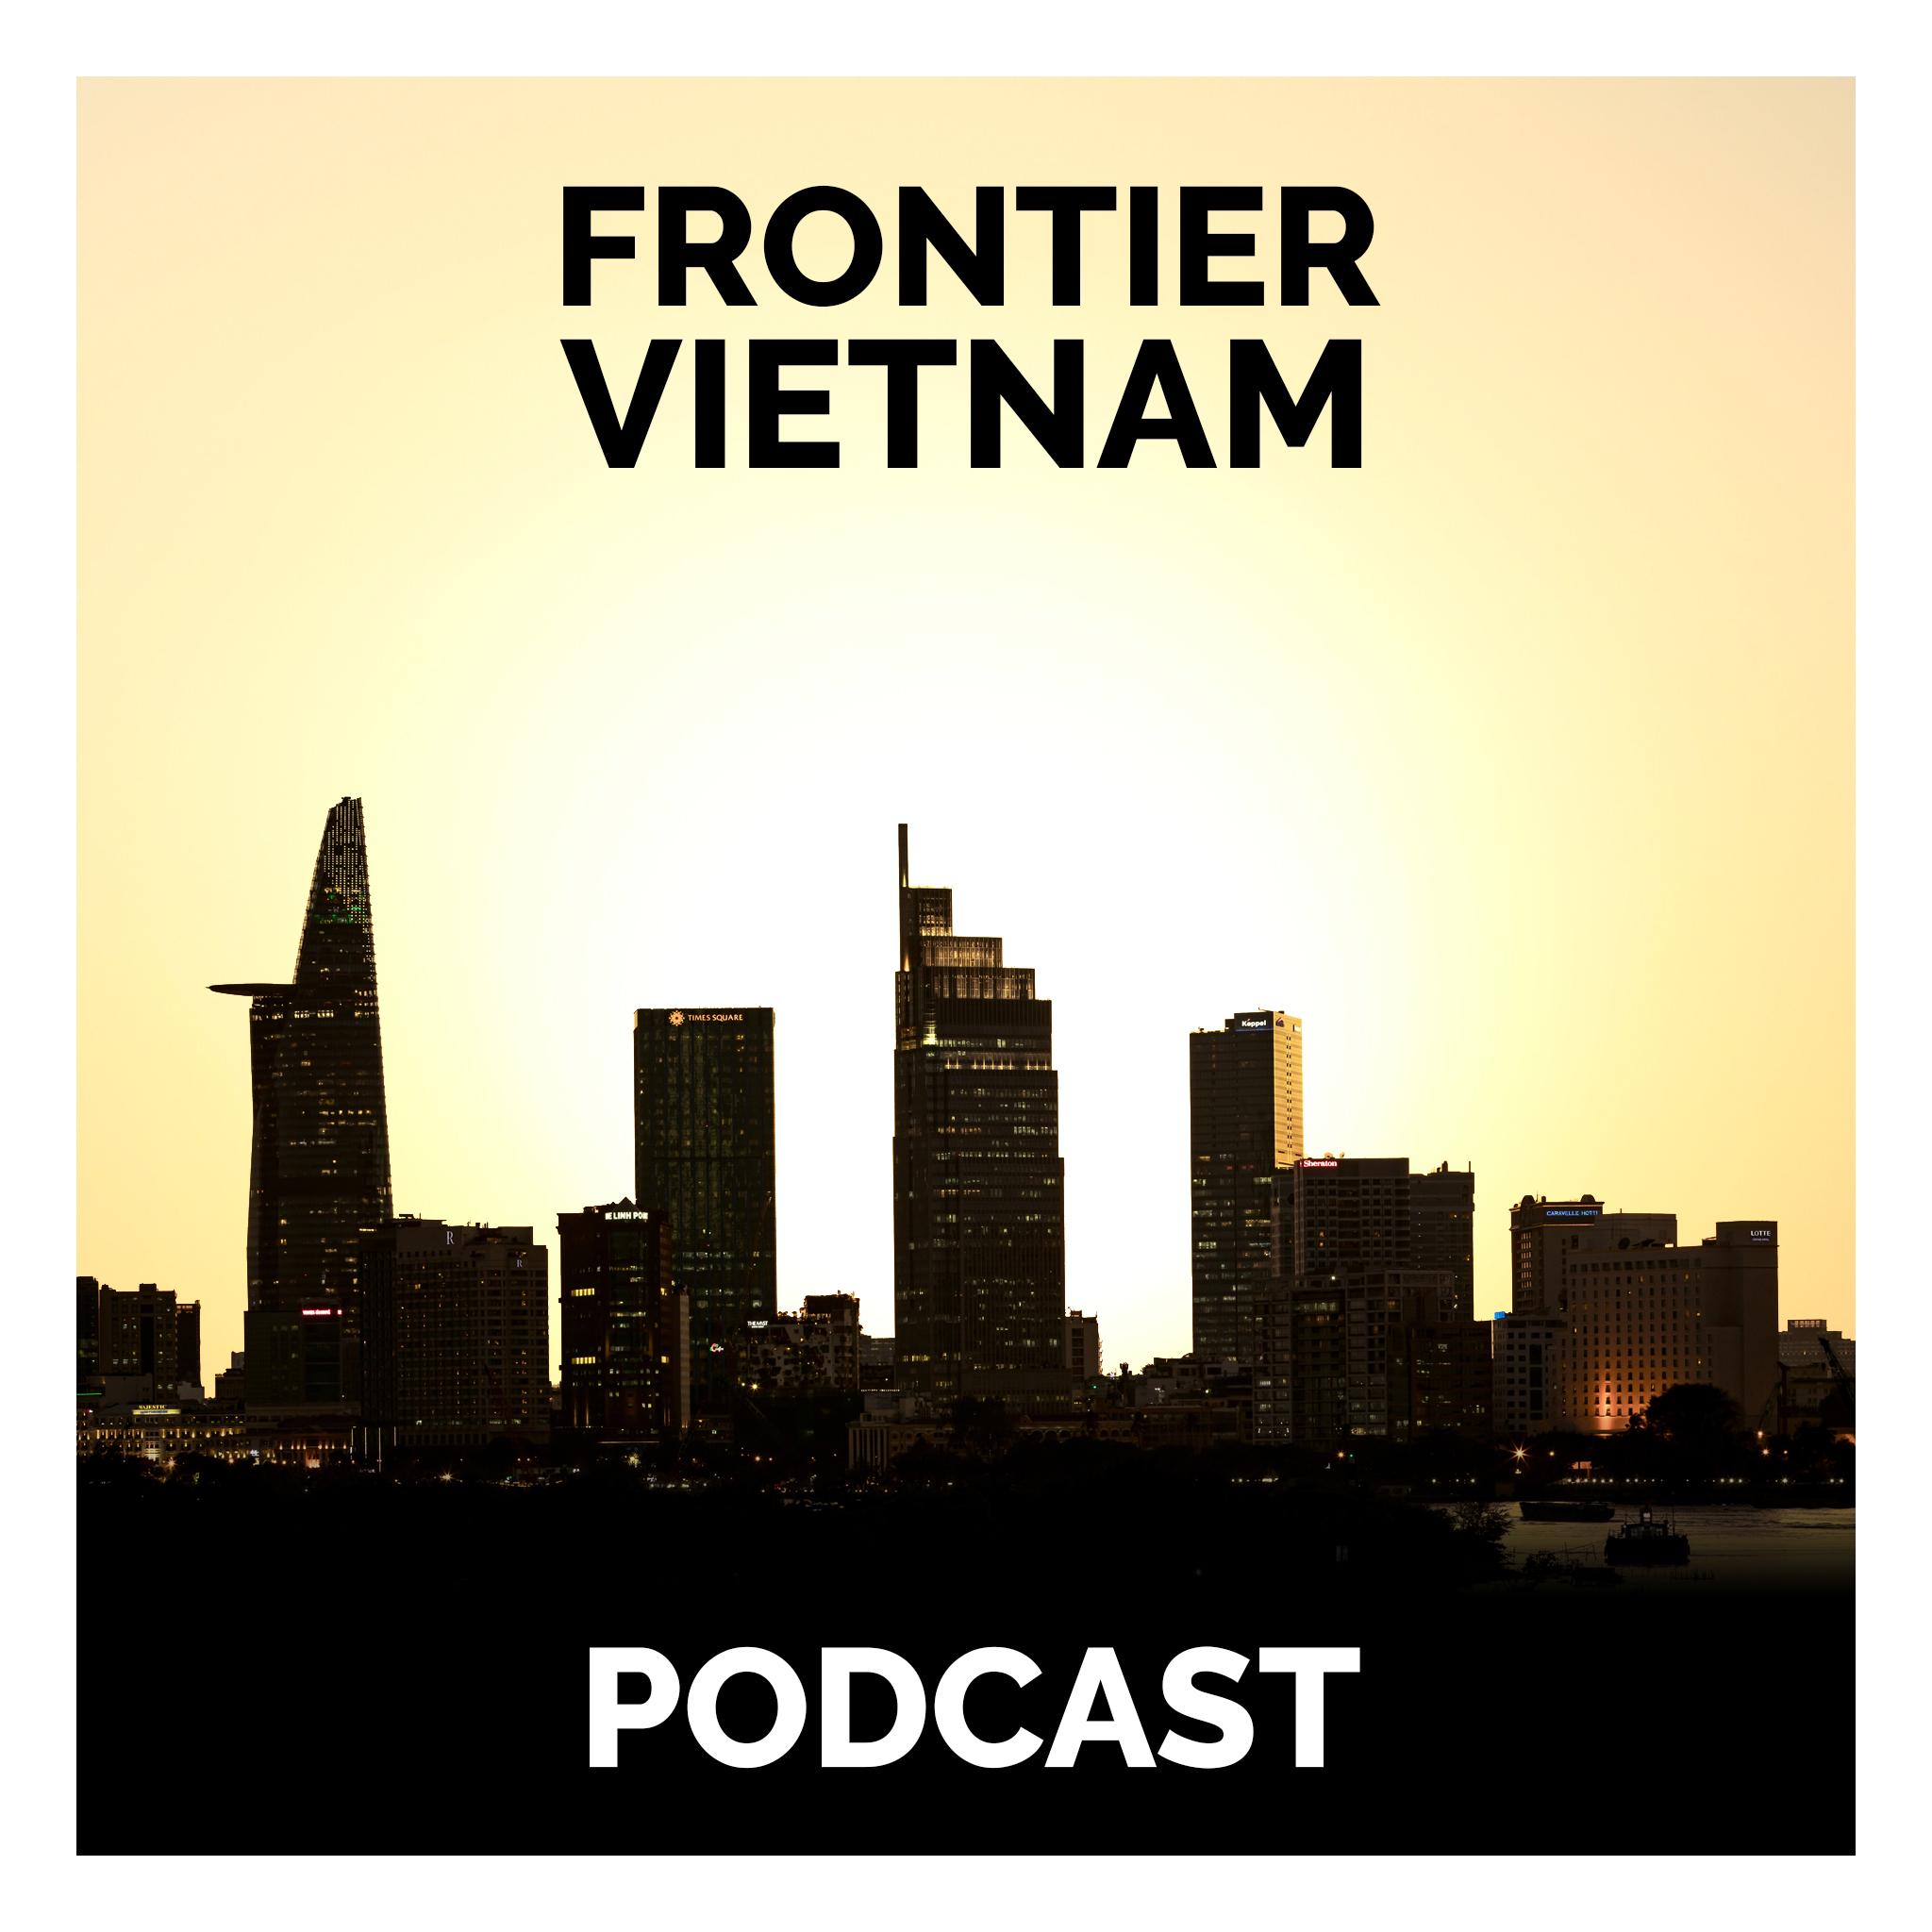 Frontier Vietnam Podcast show art